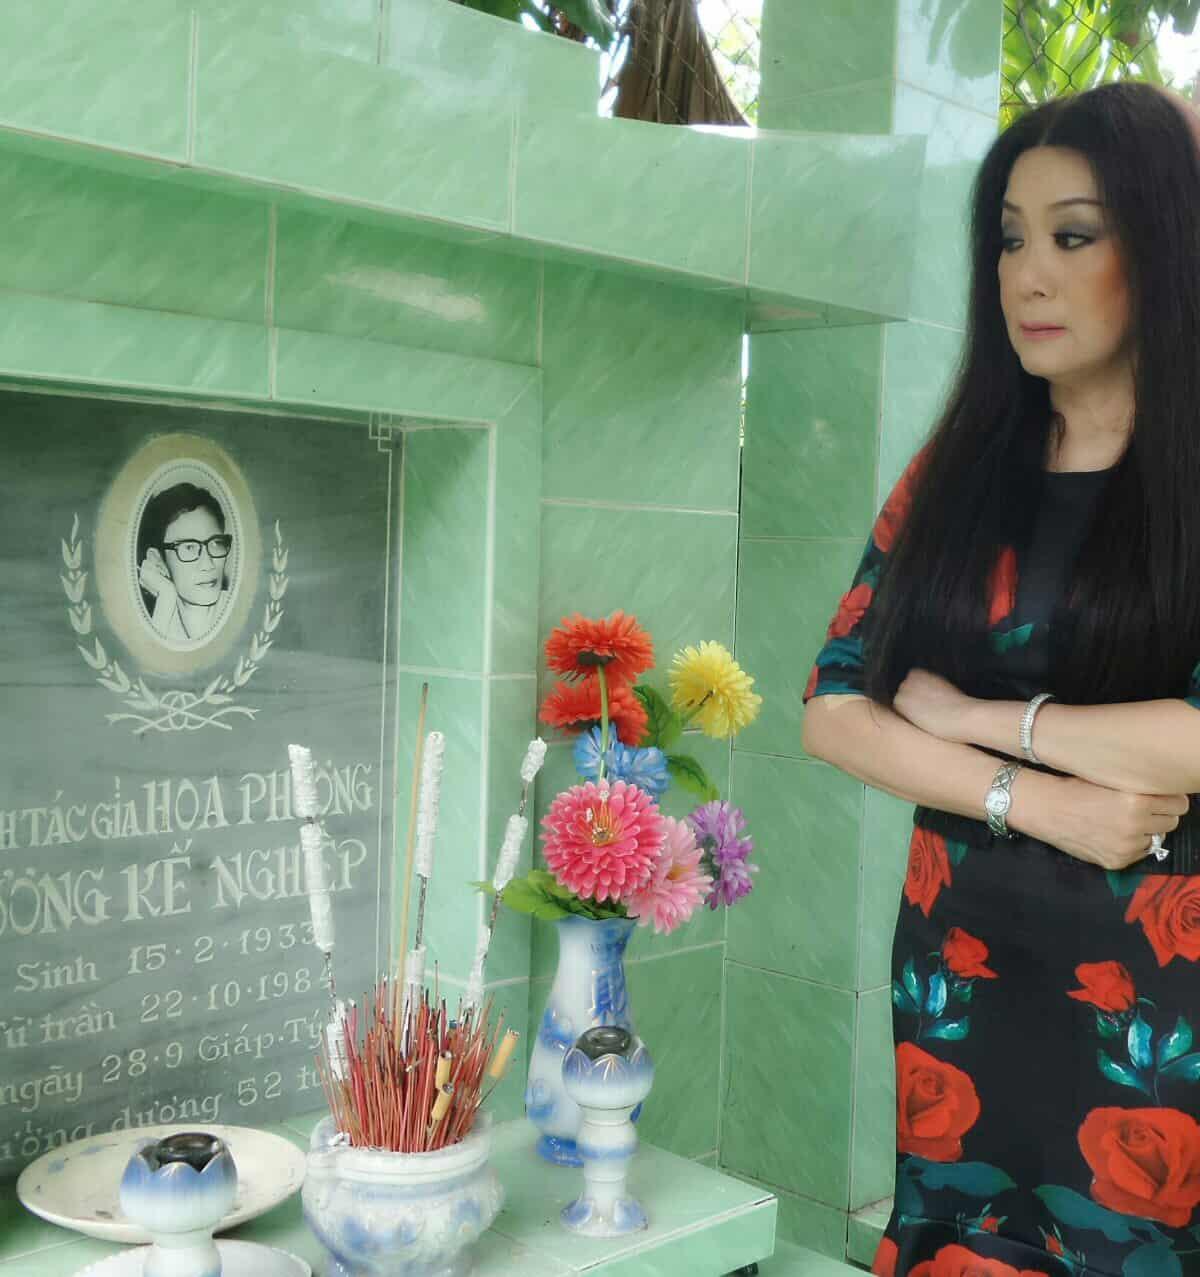 NSƯT Mỹ Châu khoanh tay thưa soạn giả Hoa Phượng khi đến viếng ngôi mộ của ông tại Nghĩa trang Nghệ sĩ Gò Vấp - TPHCM